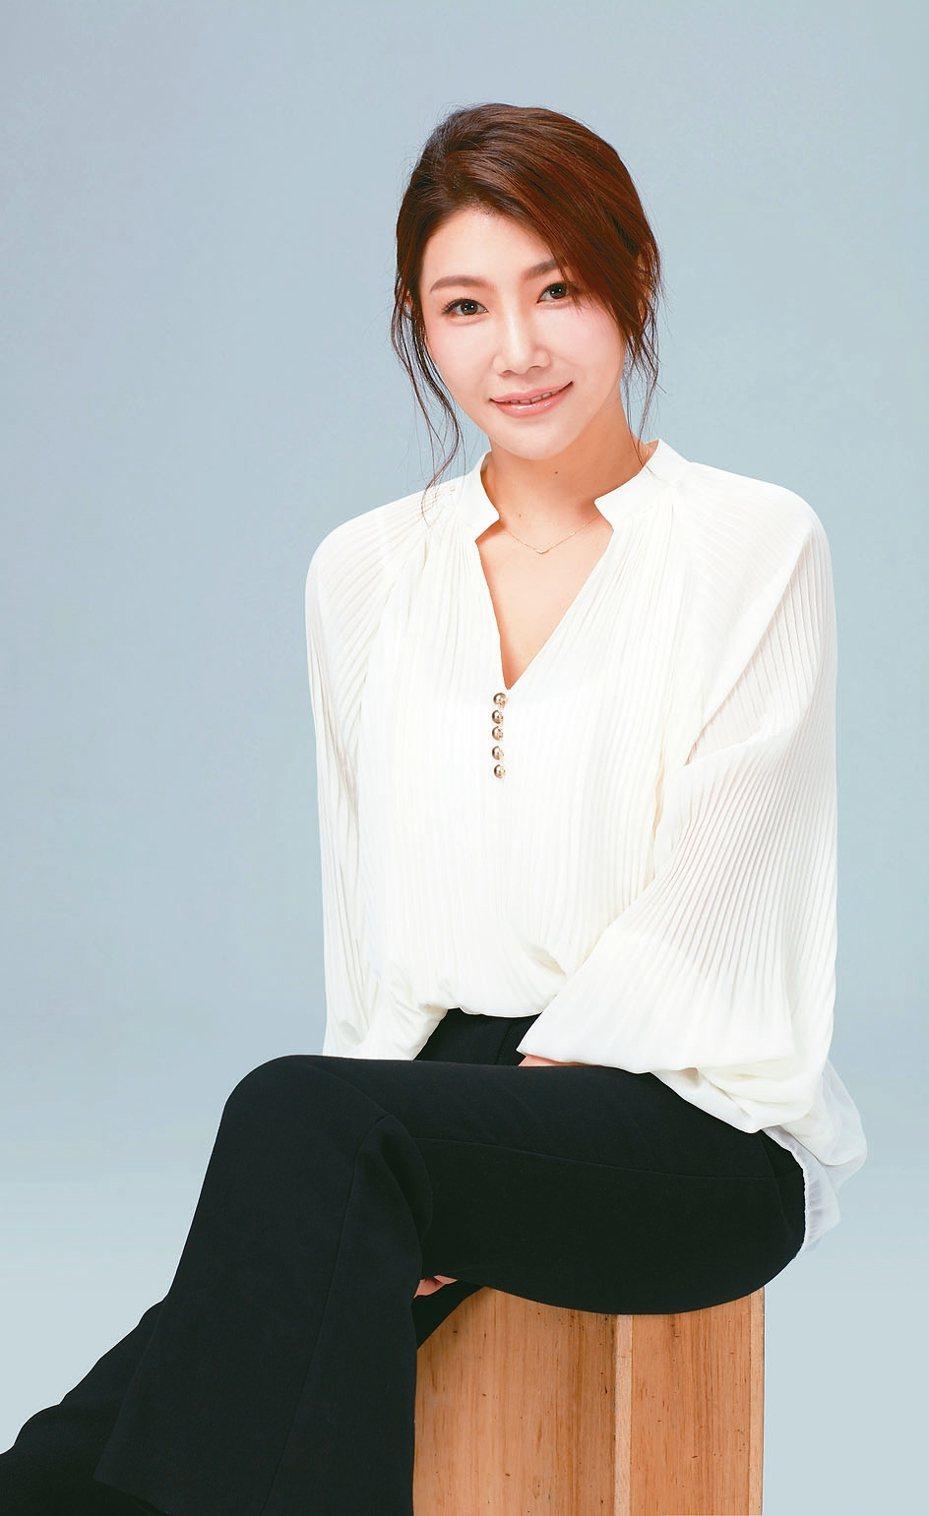 電商美妝W.SHOW品牌創辦人梁育華。 圖/W.SHOW提供